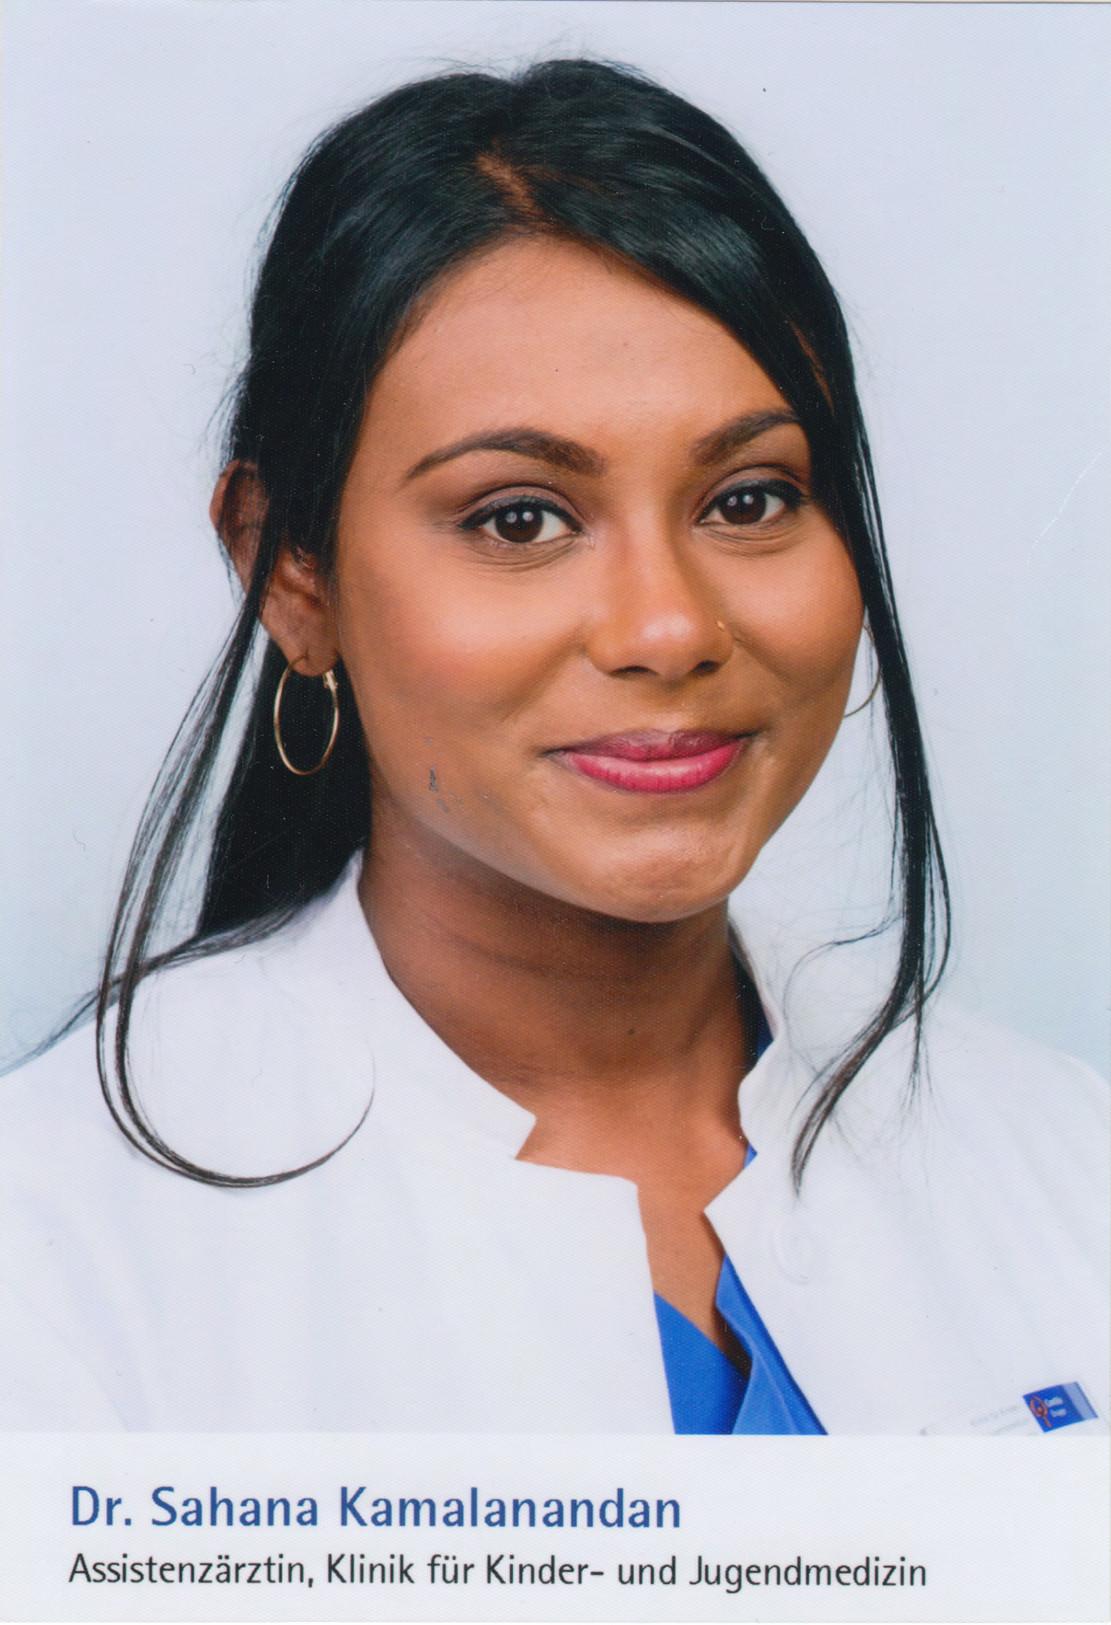 Dr. Sahana Kamalanandan